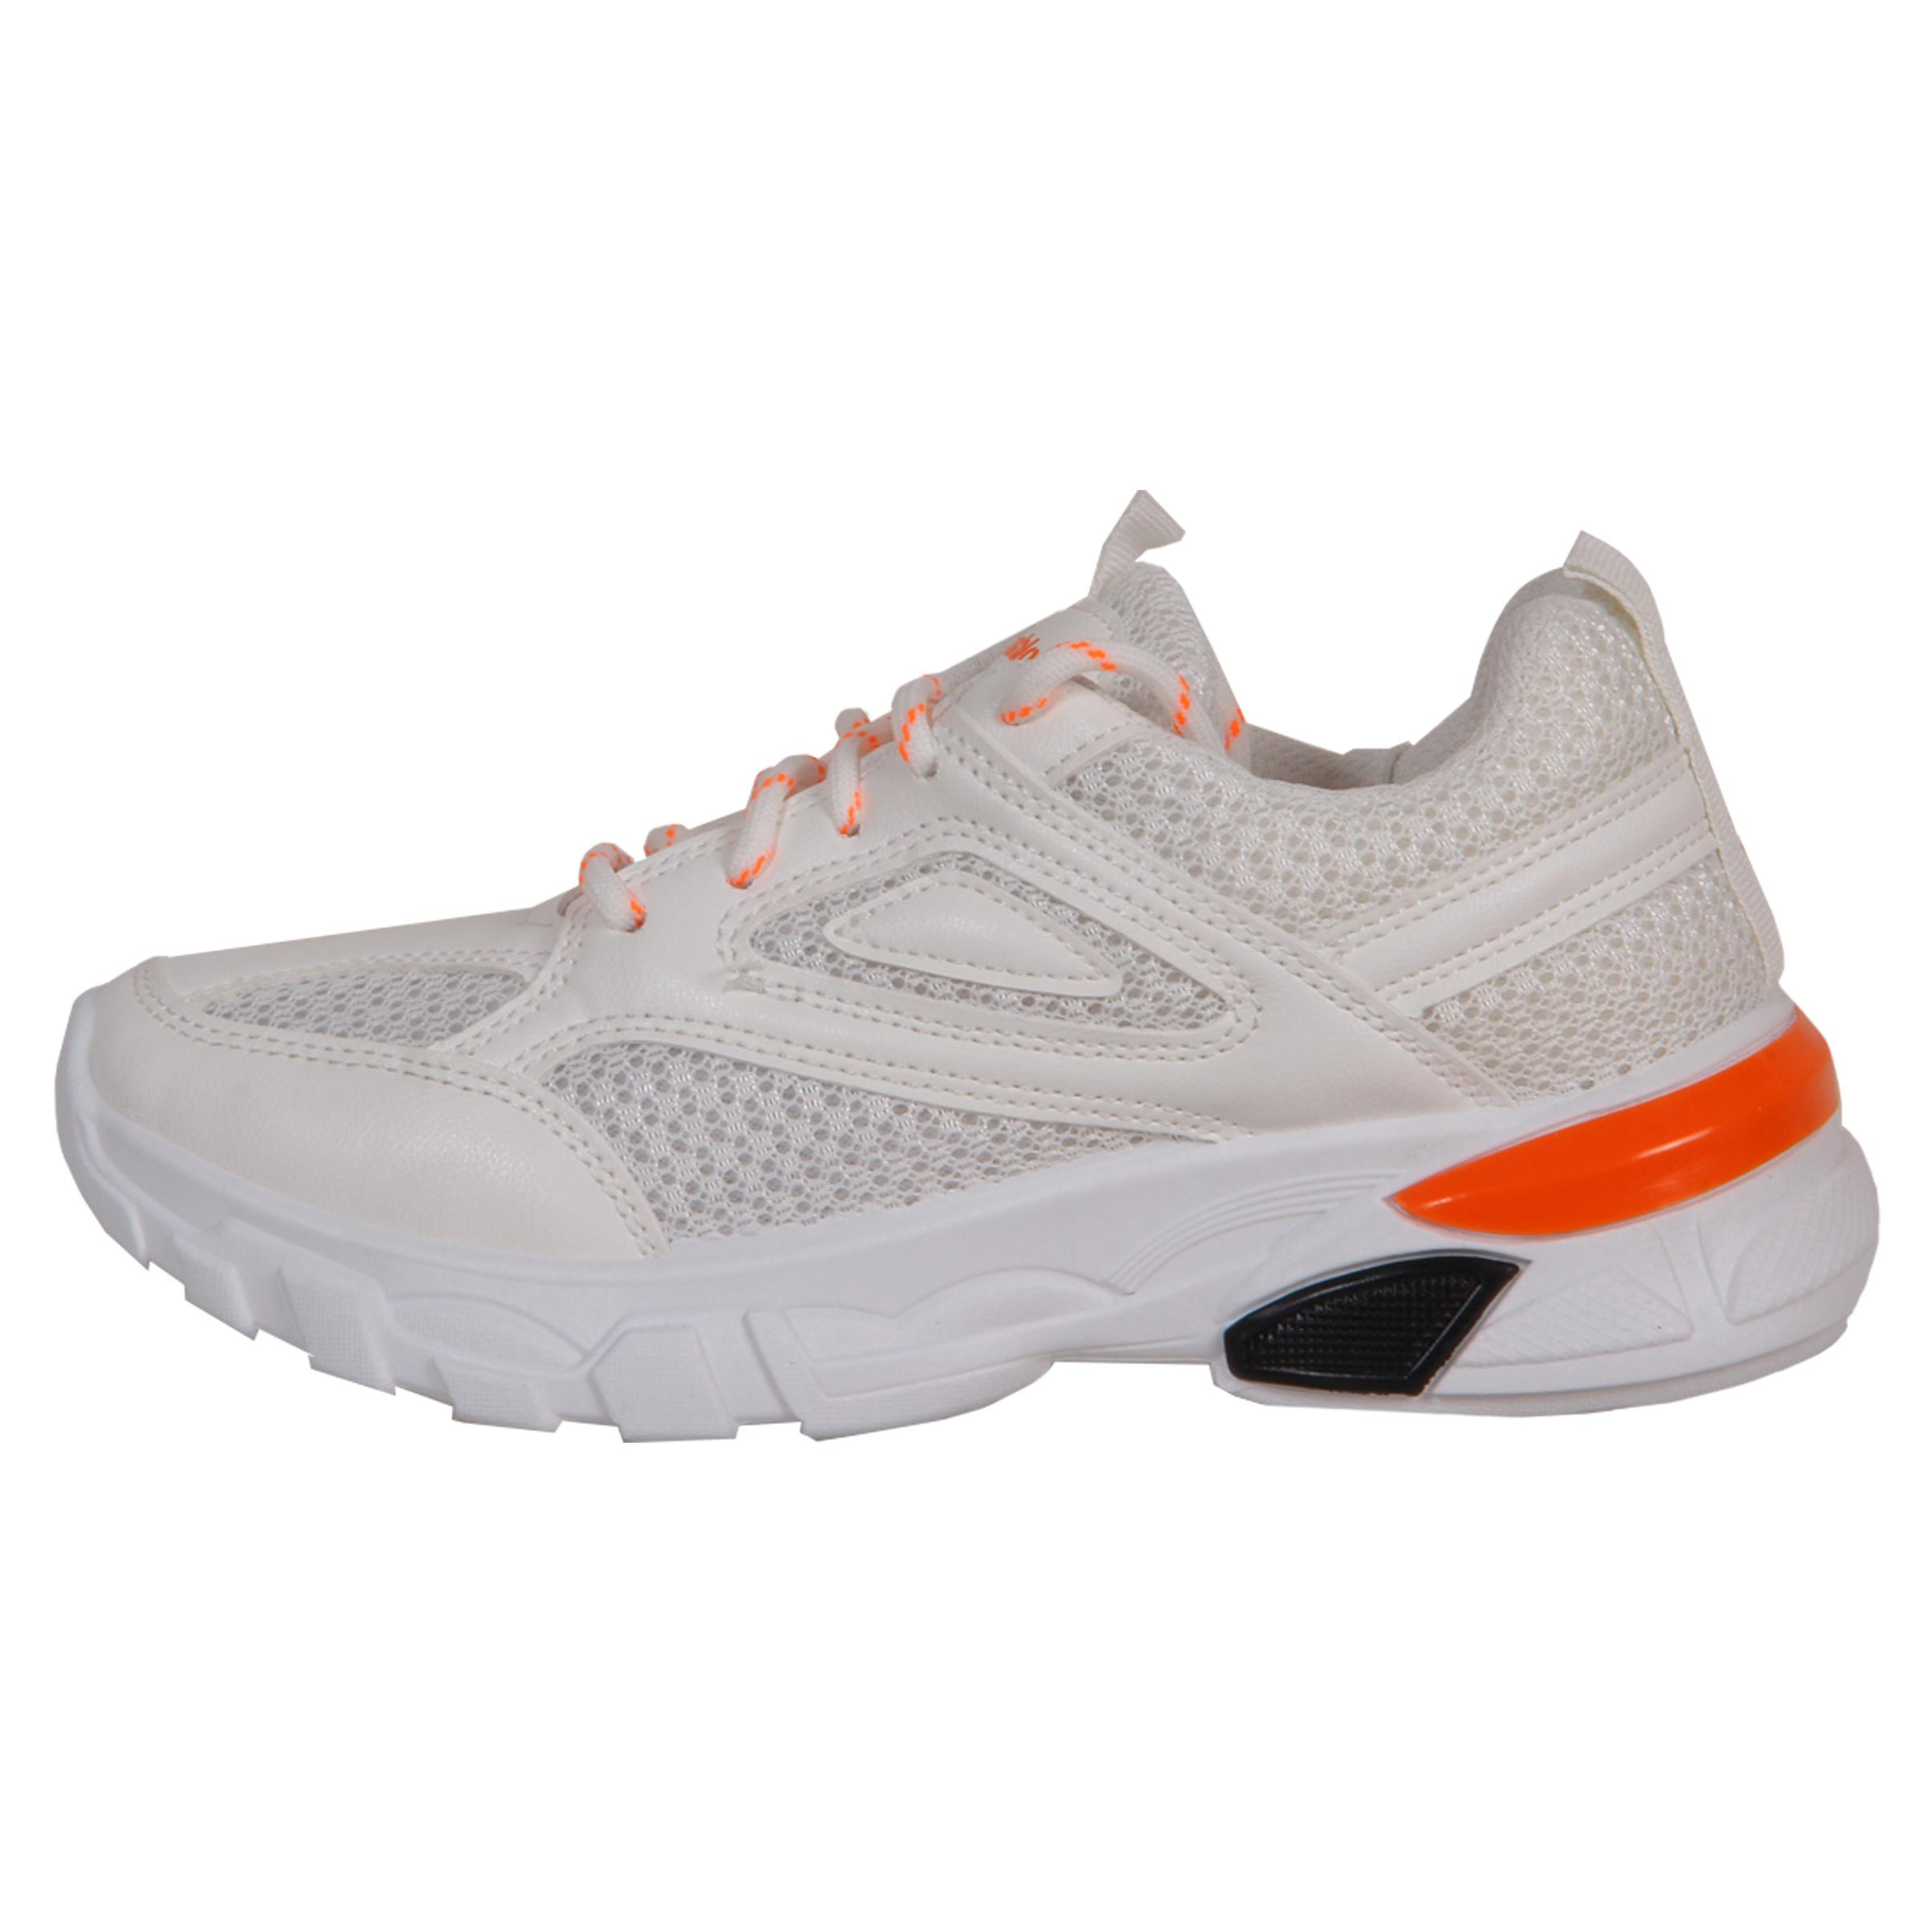 کفش مخصوص پیاده روی زنانه کد 9-292050